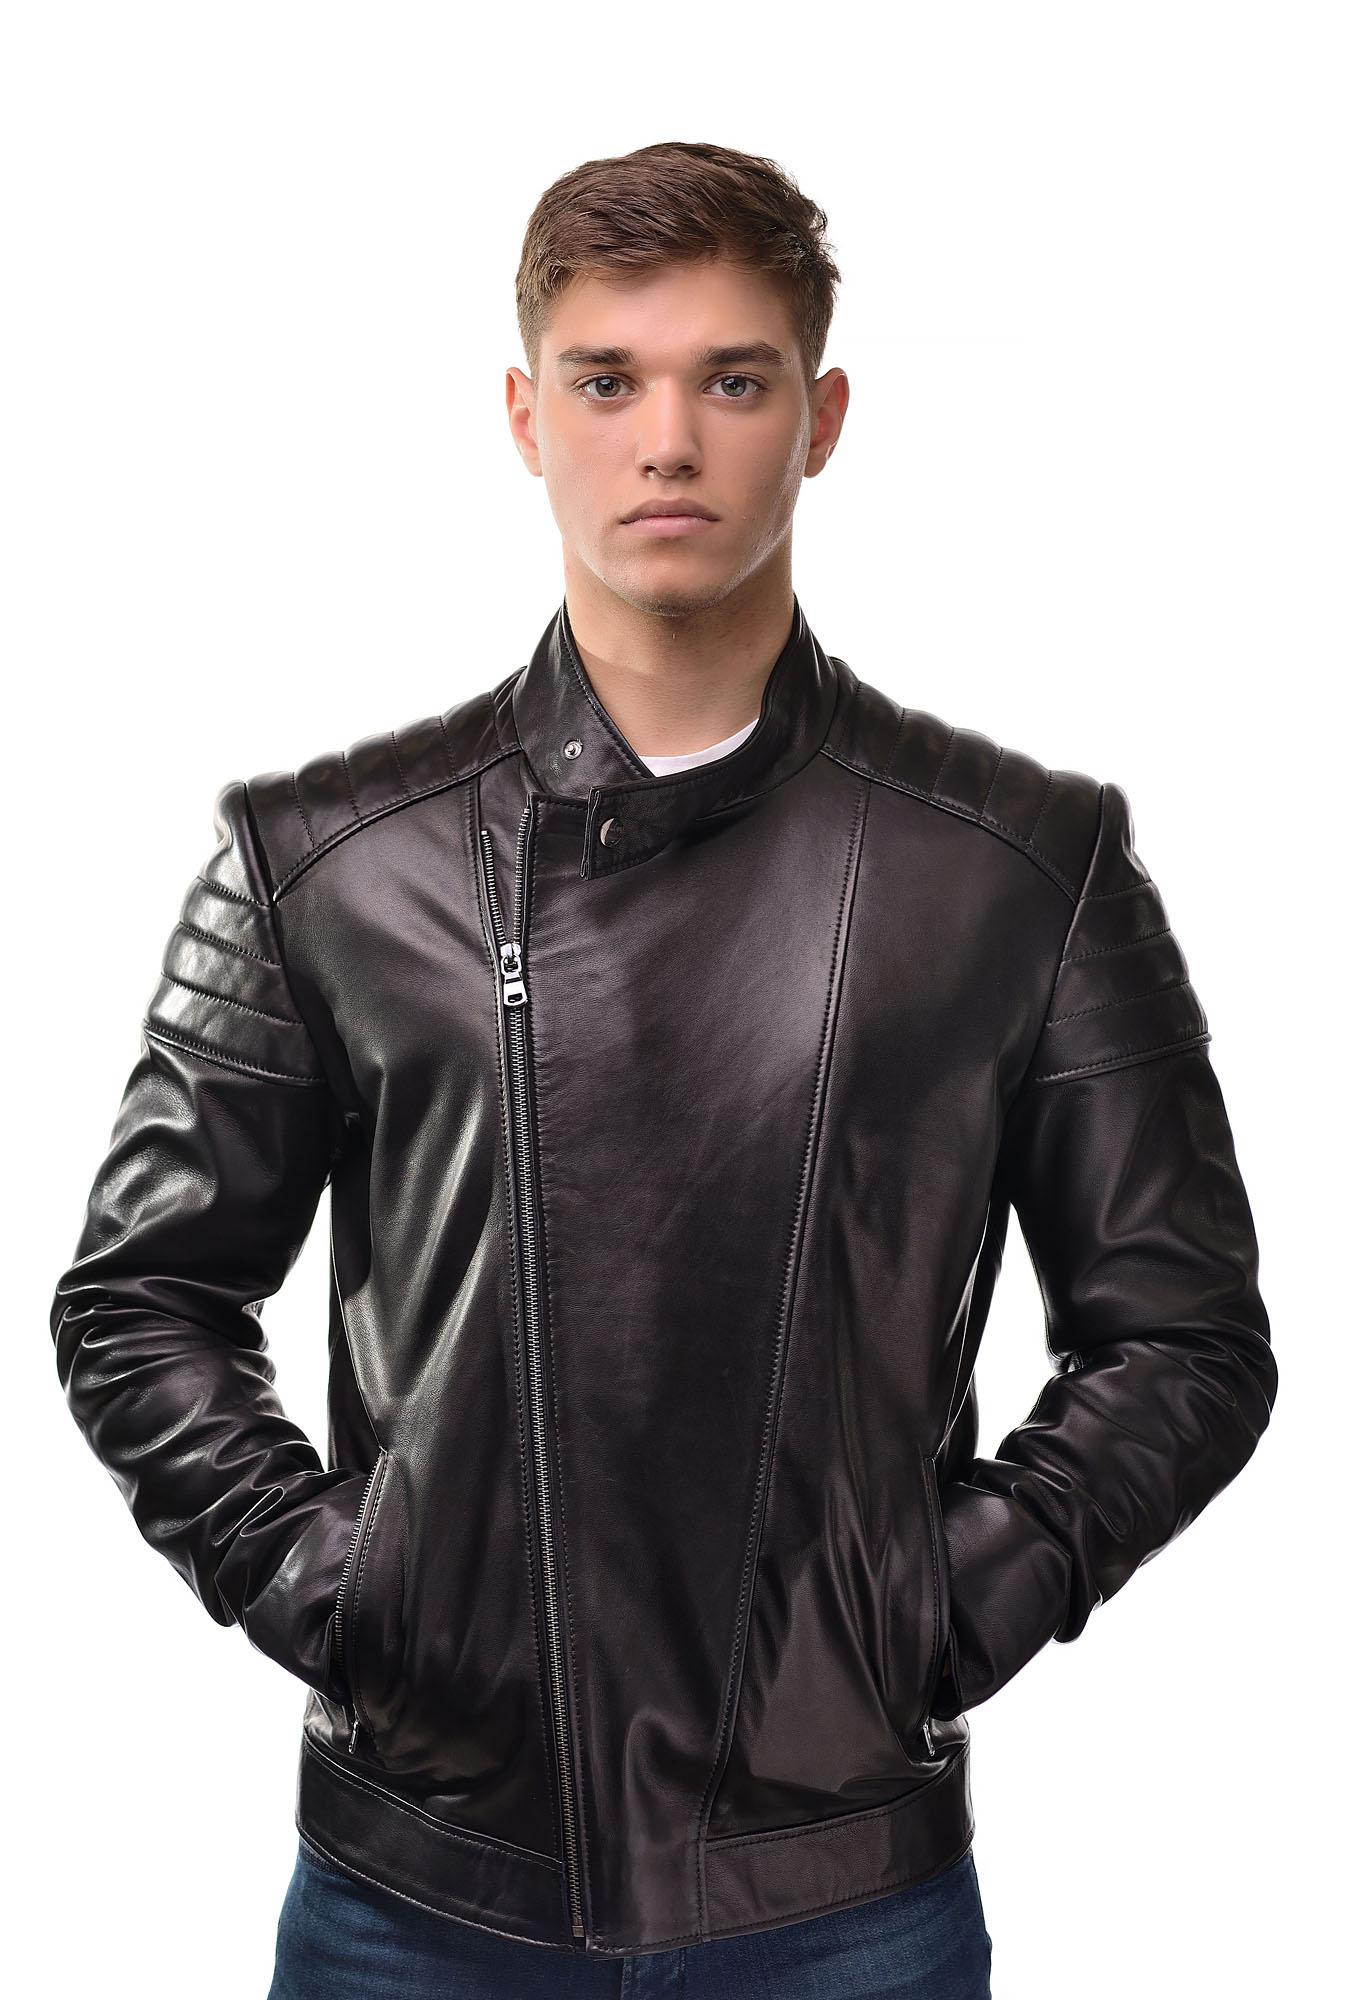 Мужская Кожаная куртка косуха3302(Черный)